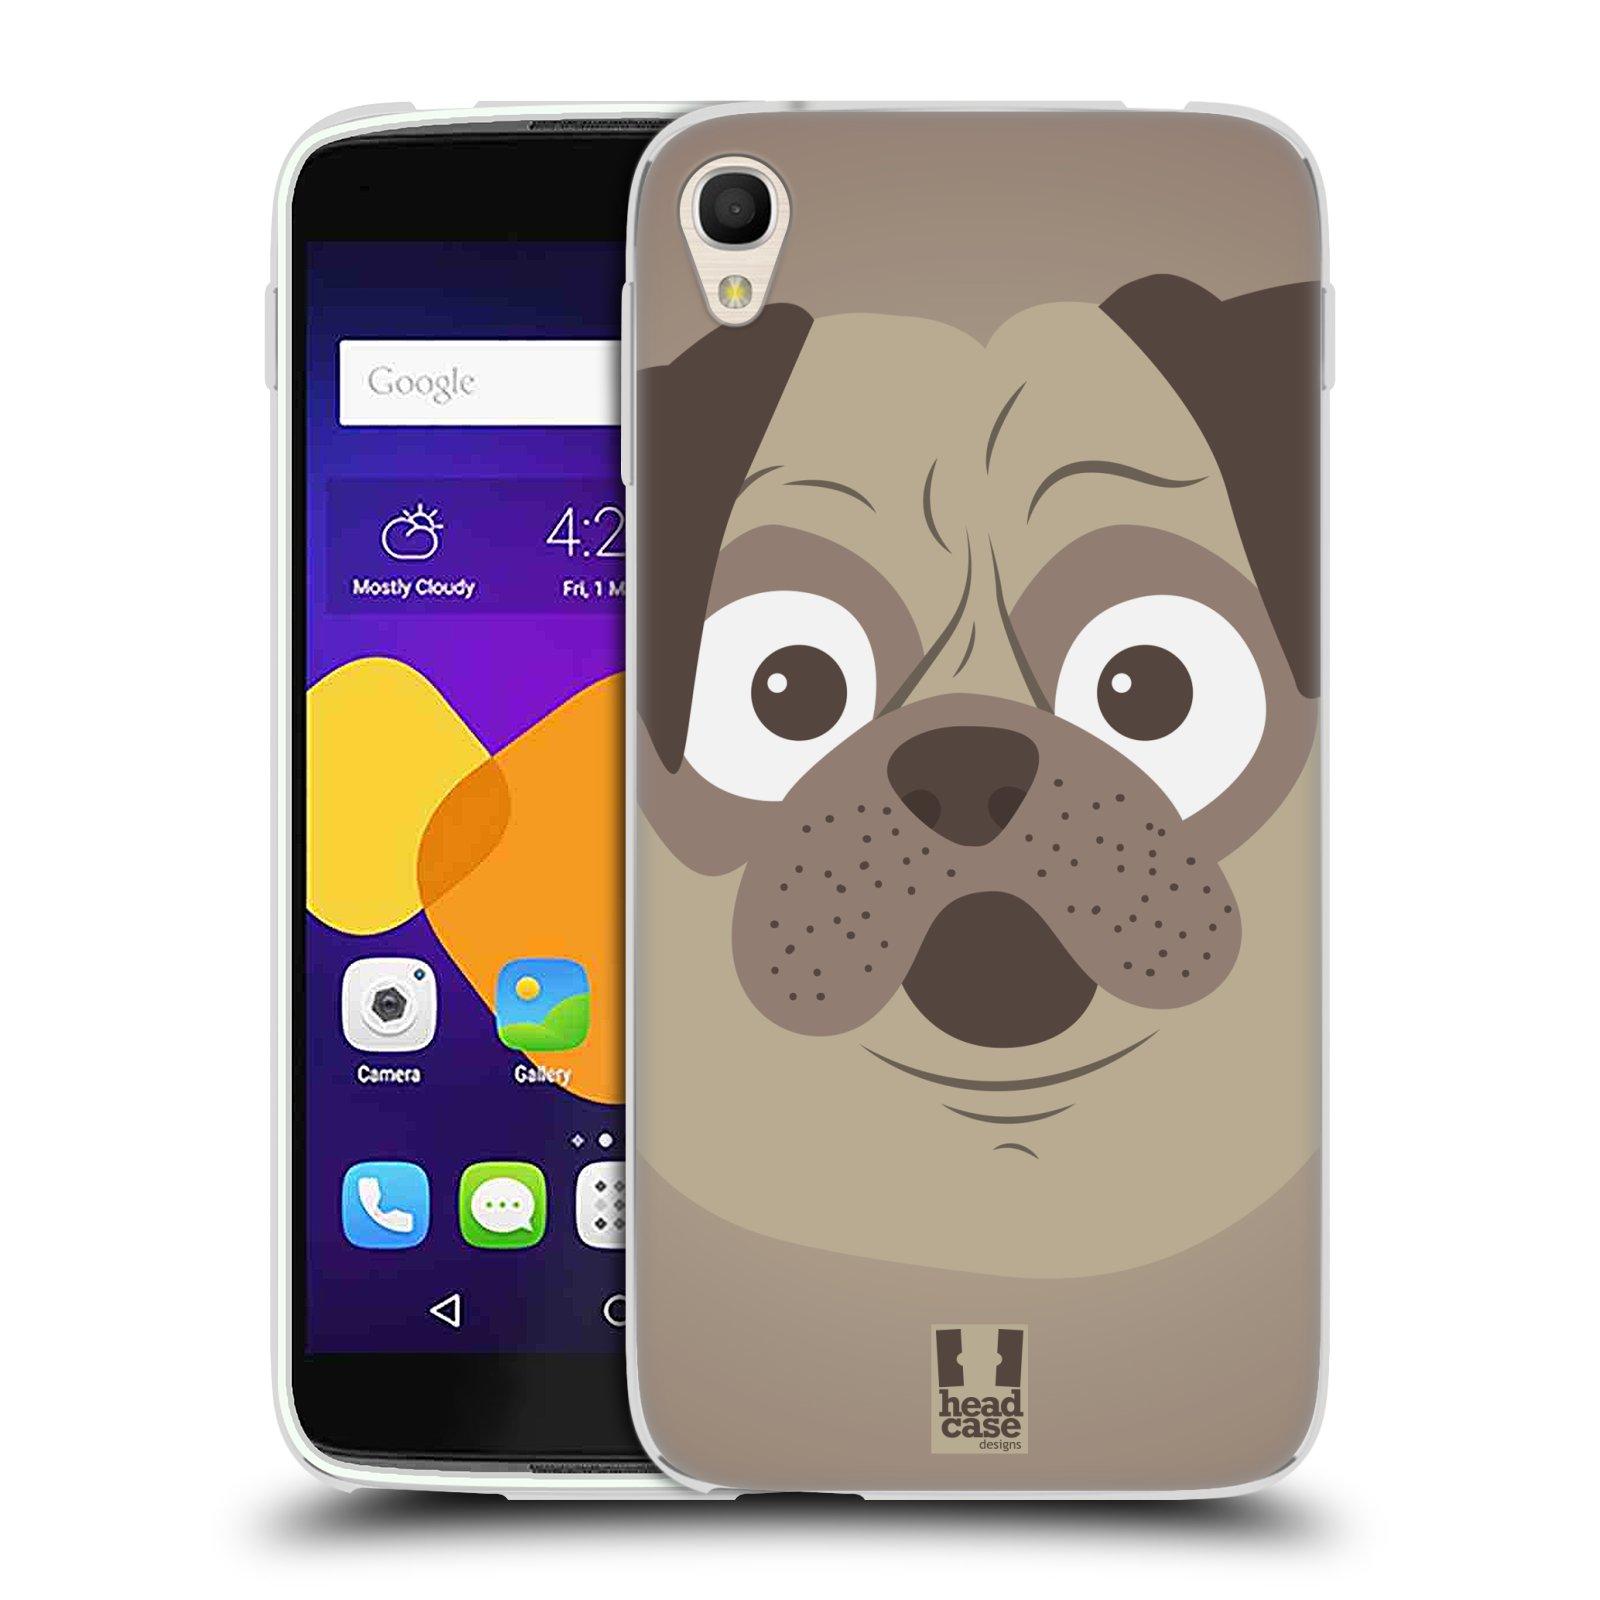 HEAD CASE silikonový obal na mobil Alcatel Idol 3 OT-6045Y (5.5) vzor Cartoon Karikatura barevná kreslená zvířátka pes mopsík